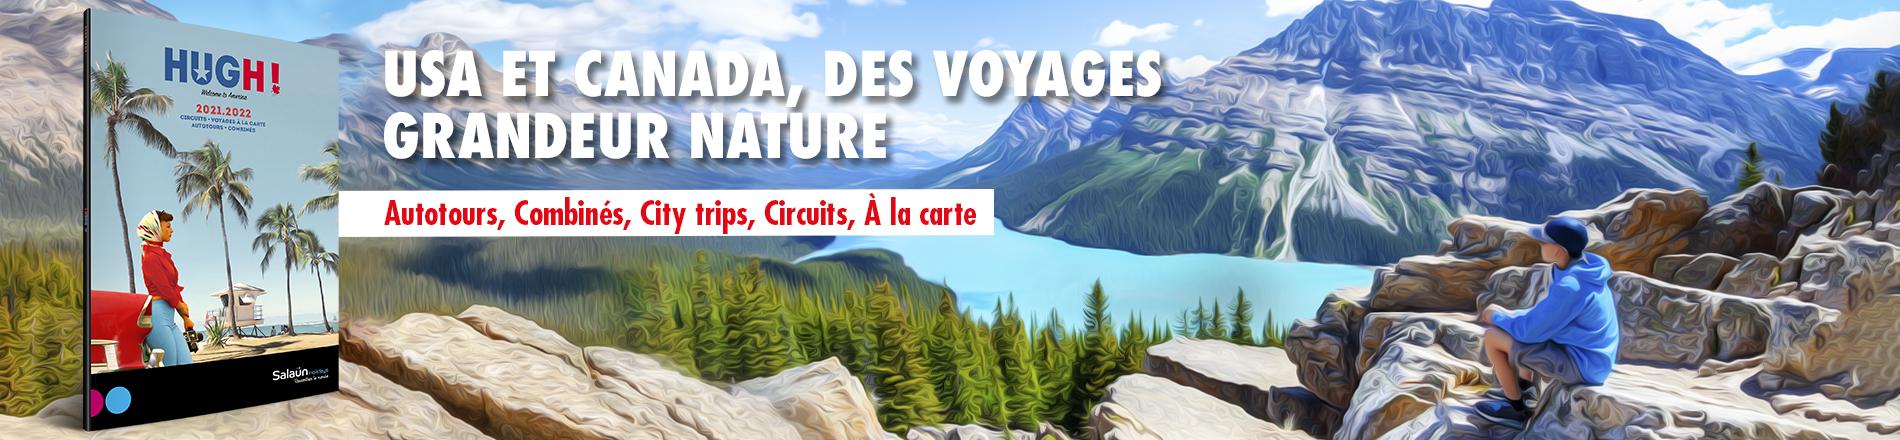 USA et Canada des voyages XXL